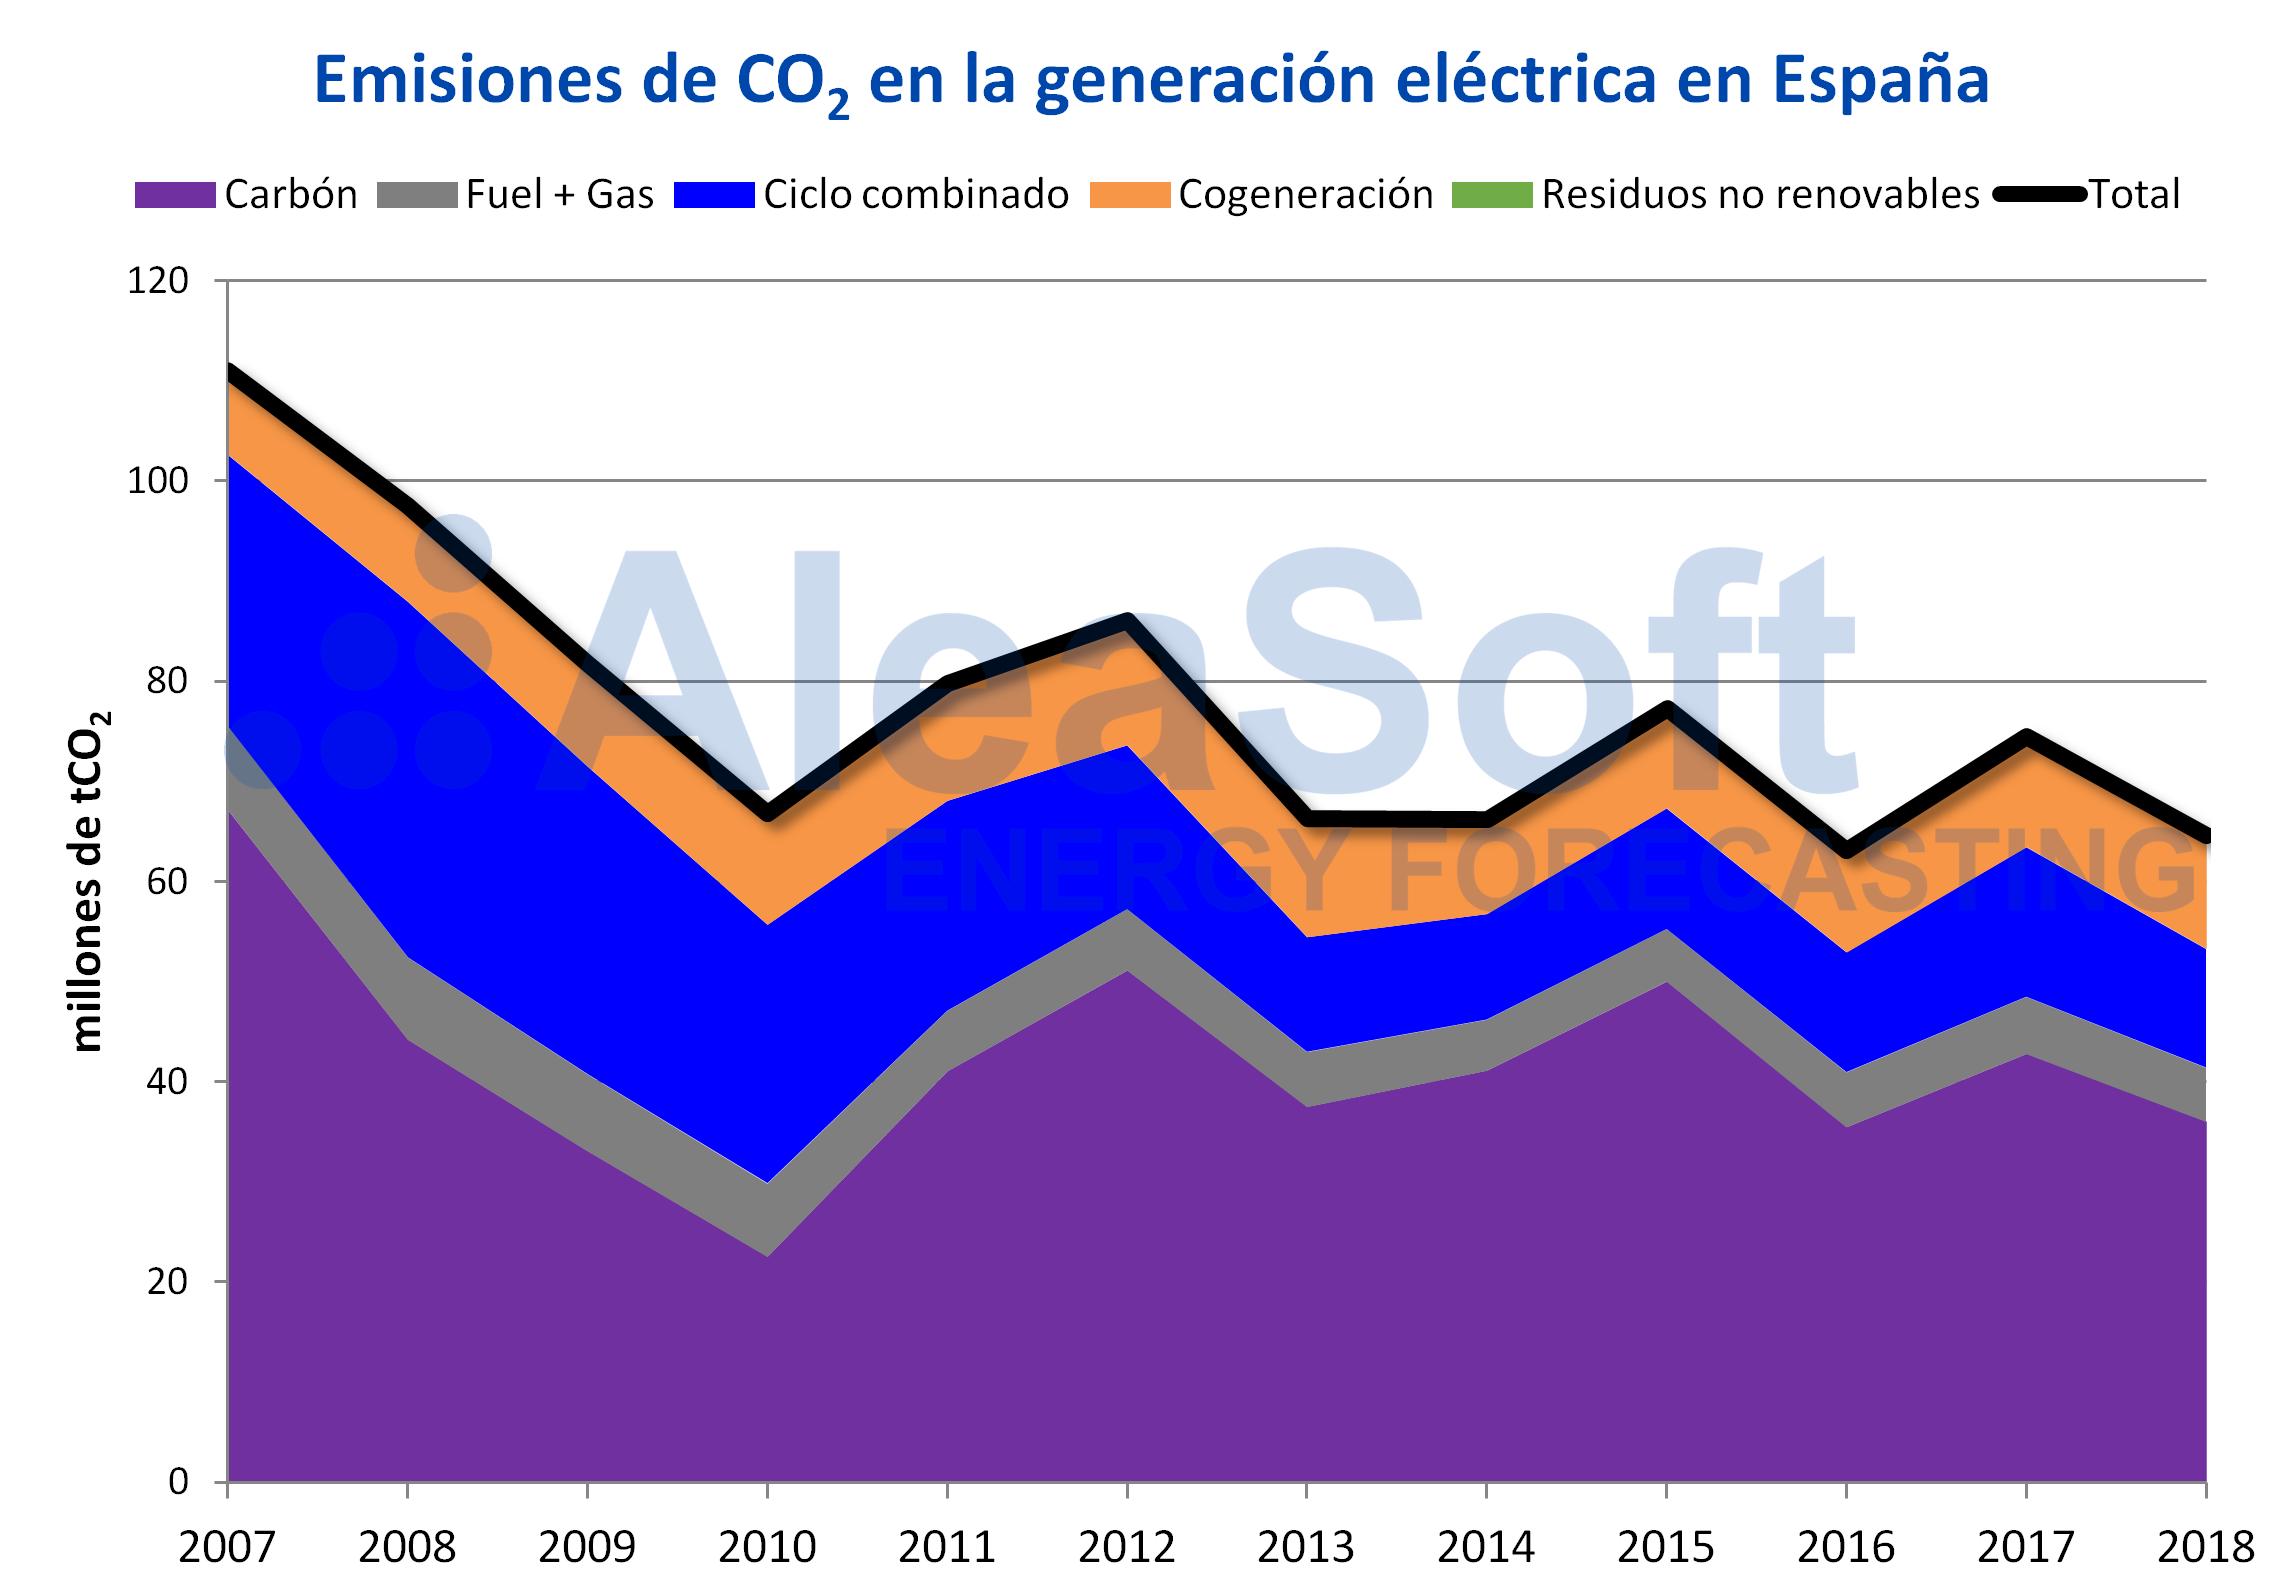 AleaSoft - Emisiones CO2 generación eléctrica España